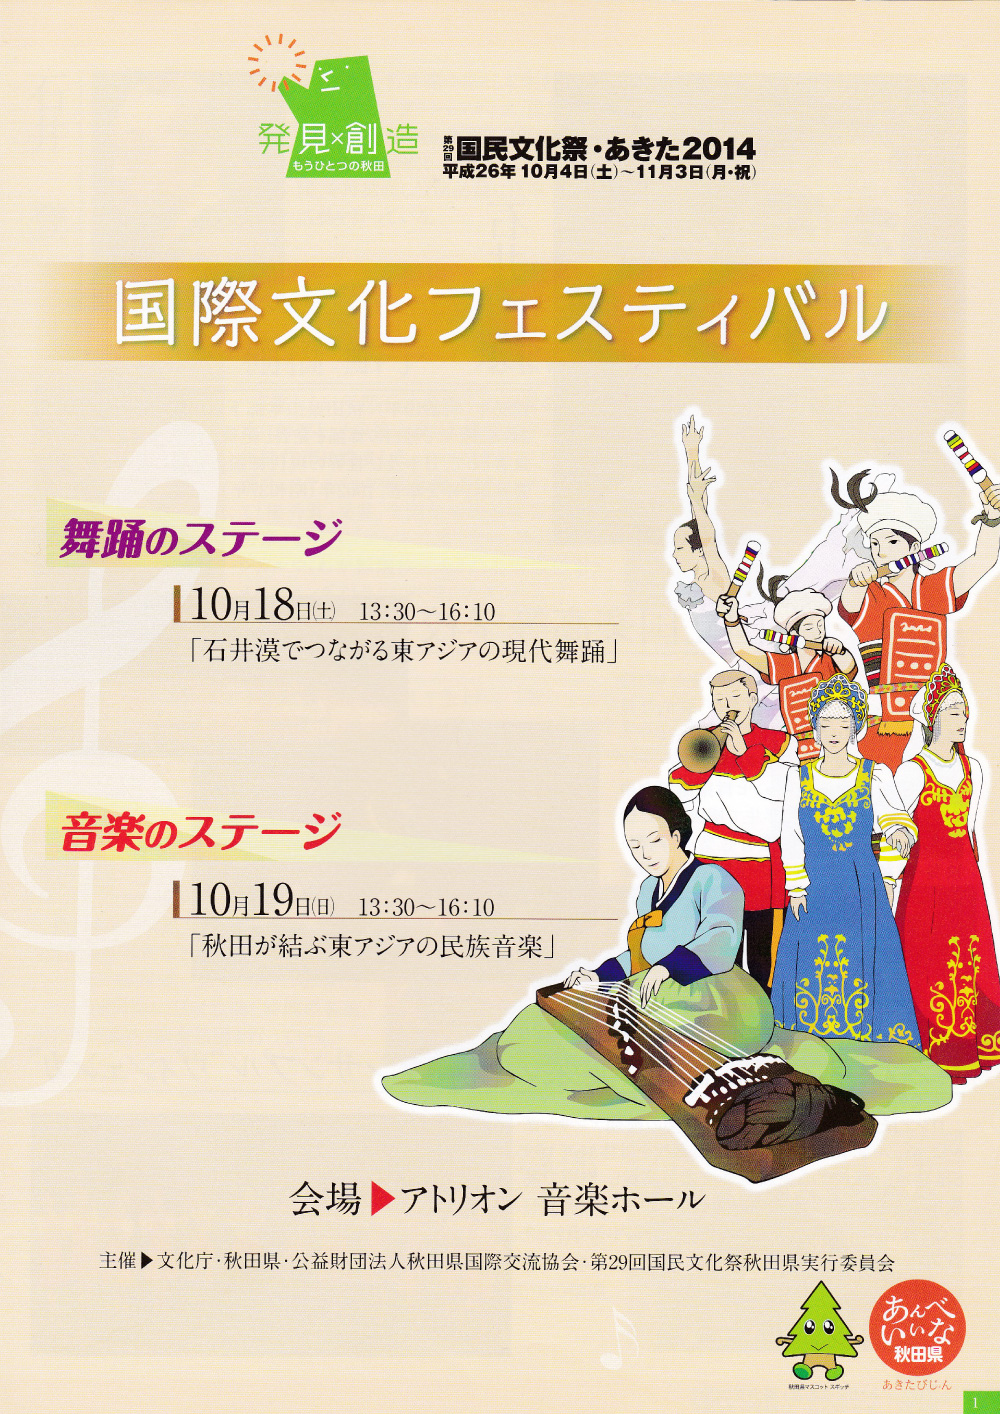 国民文化祭あきた 2014